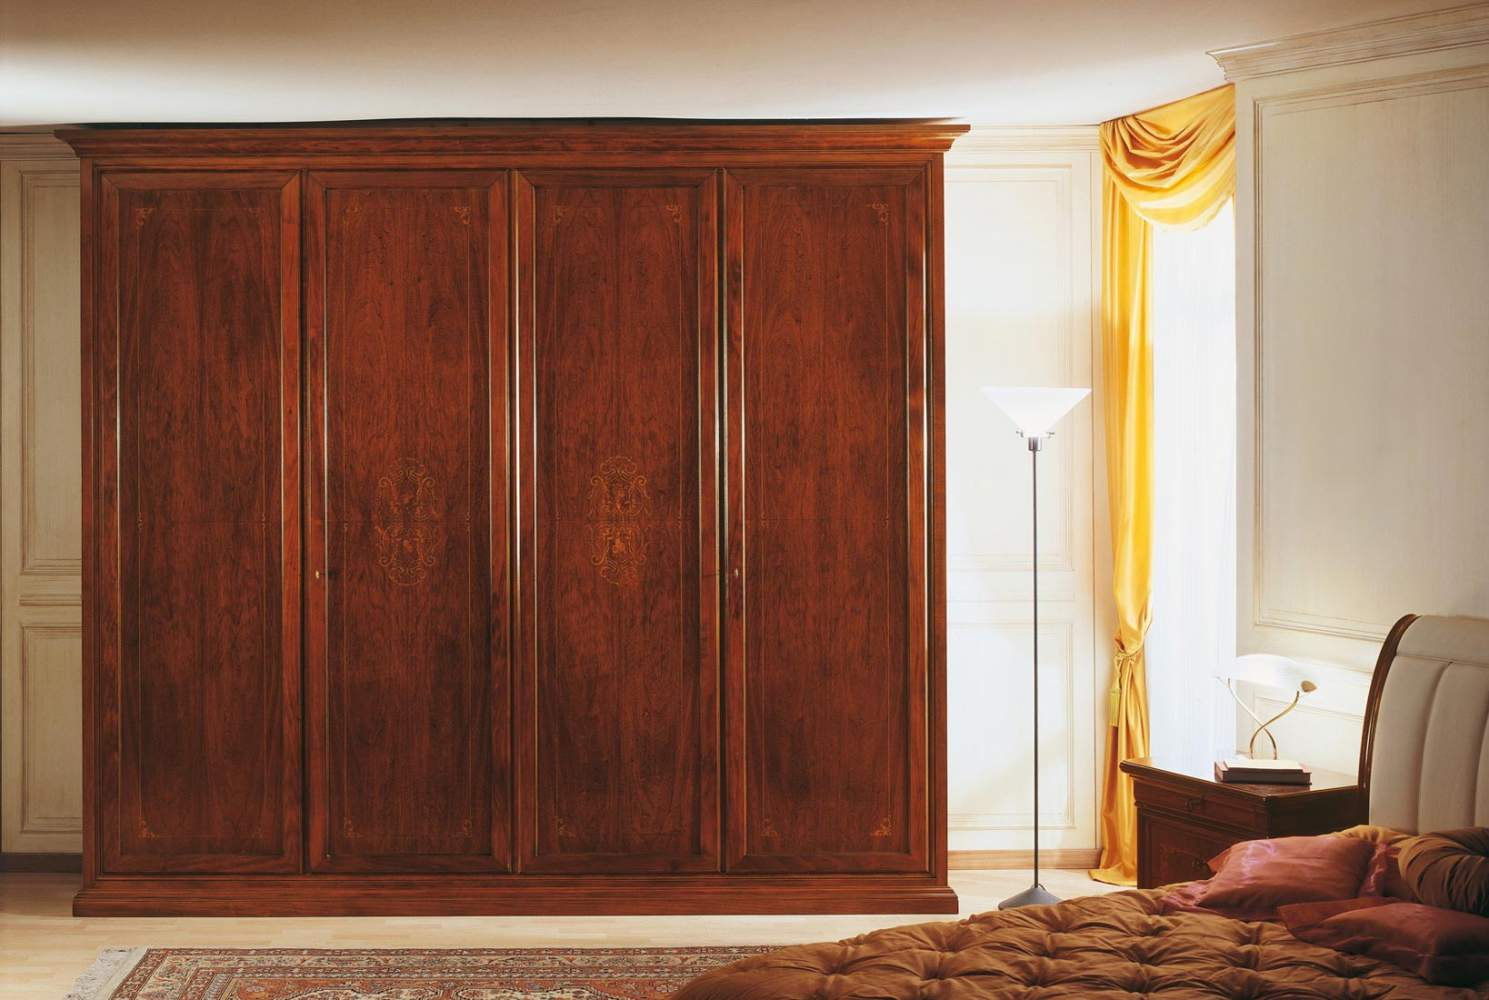 Camera da letto 800 francese, armadio due vani intarsiato